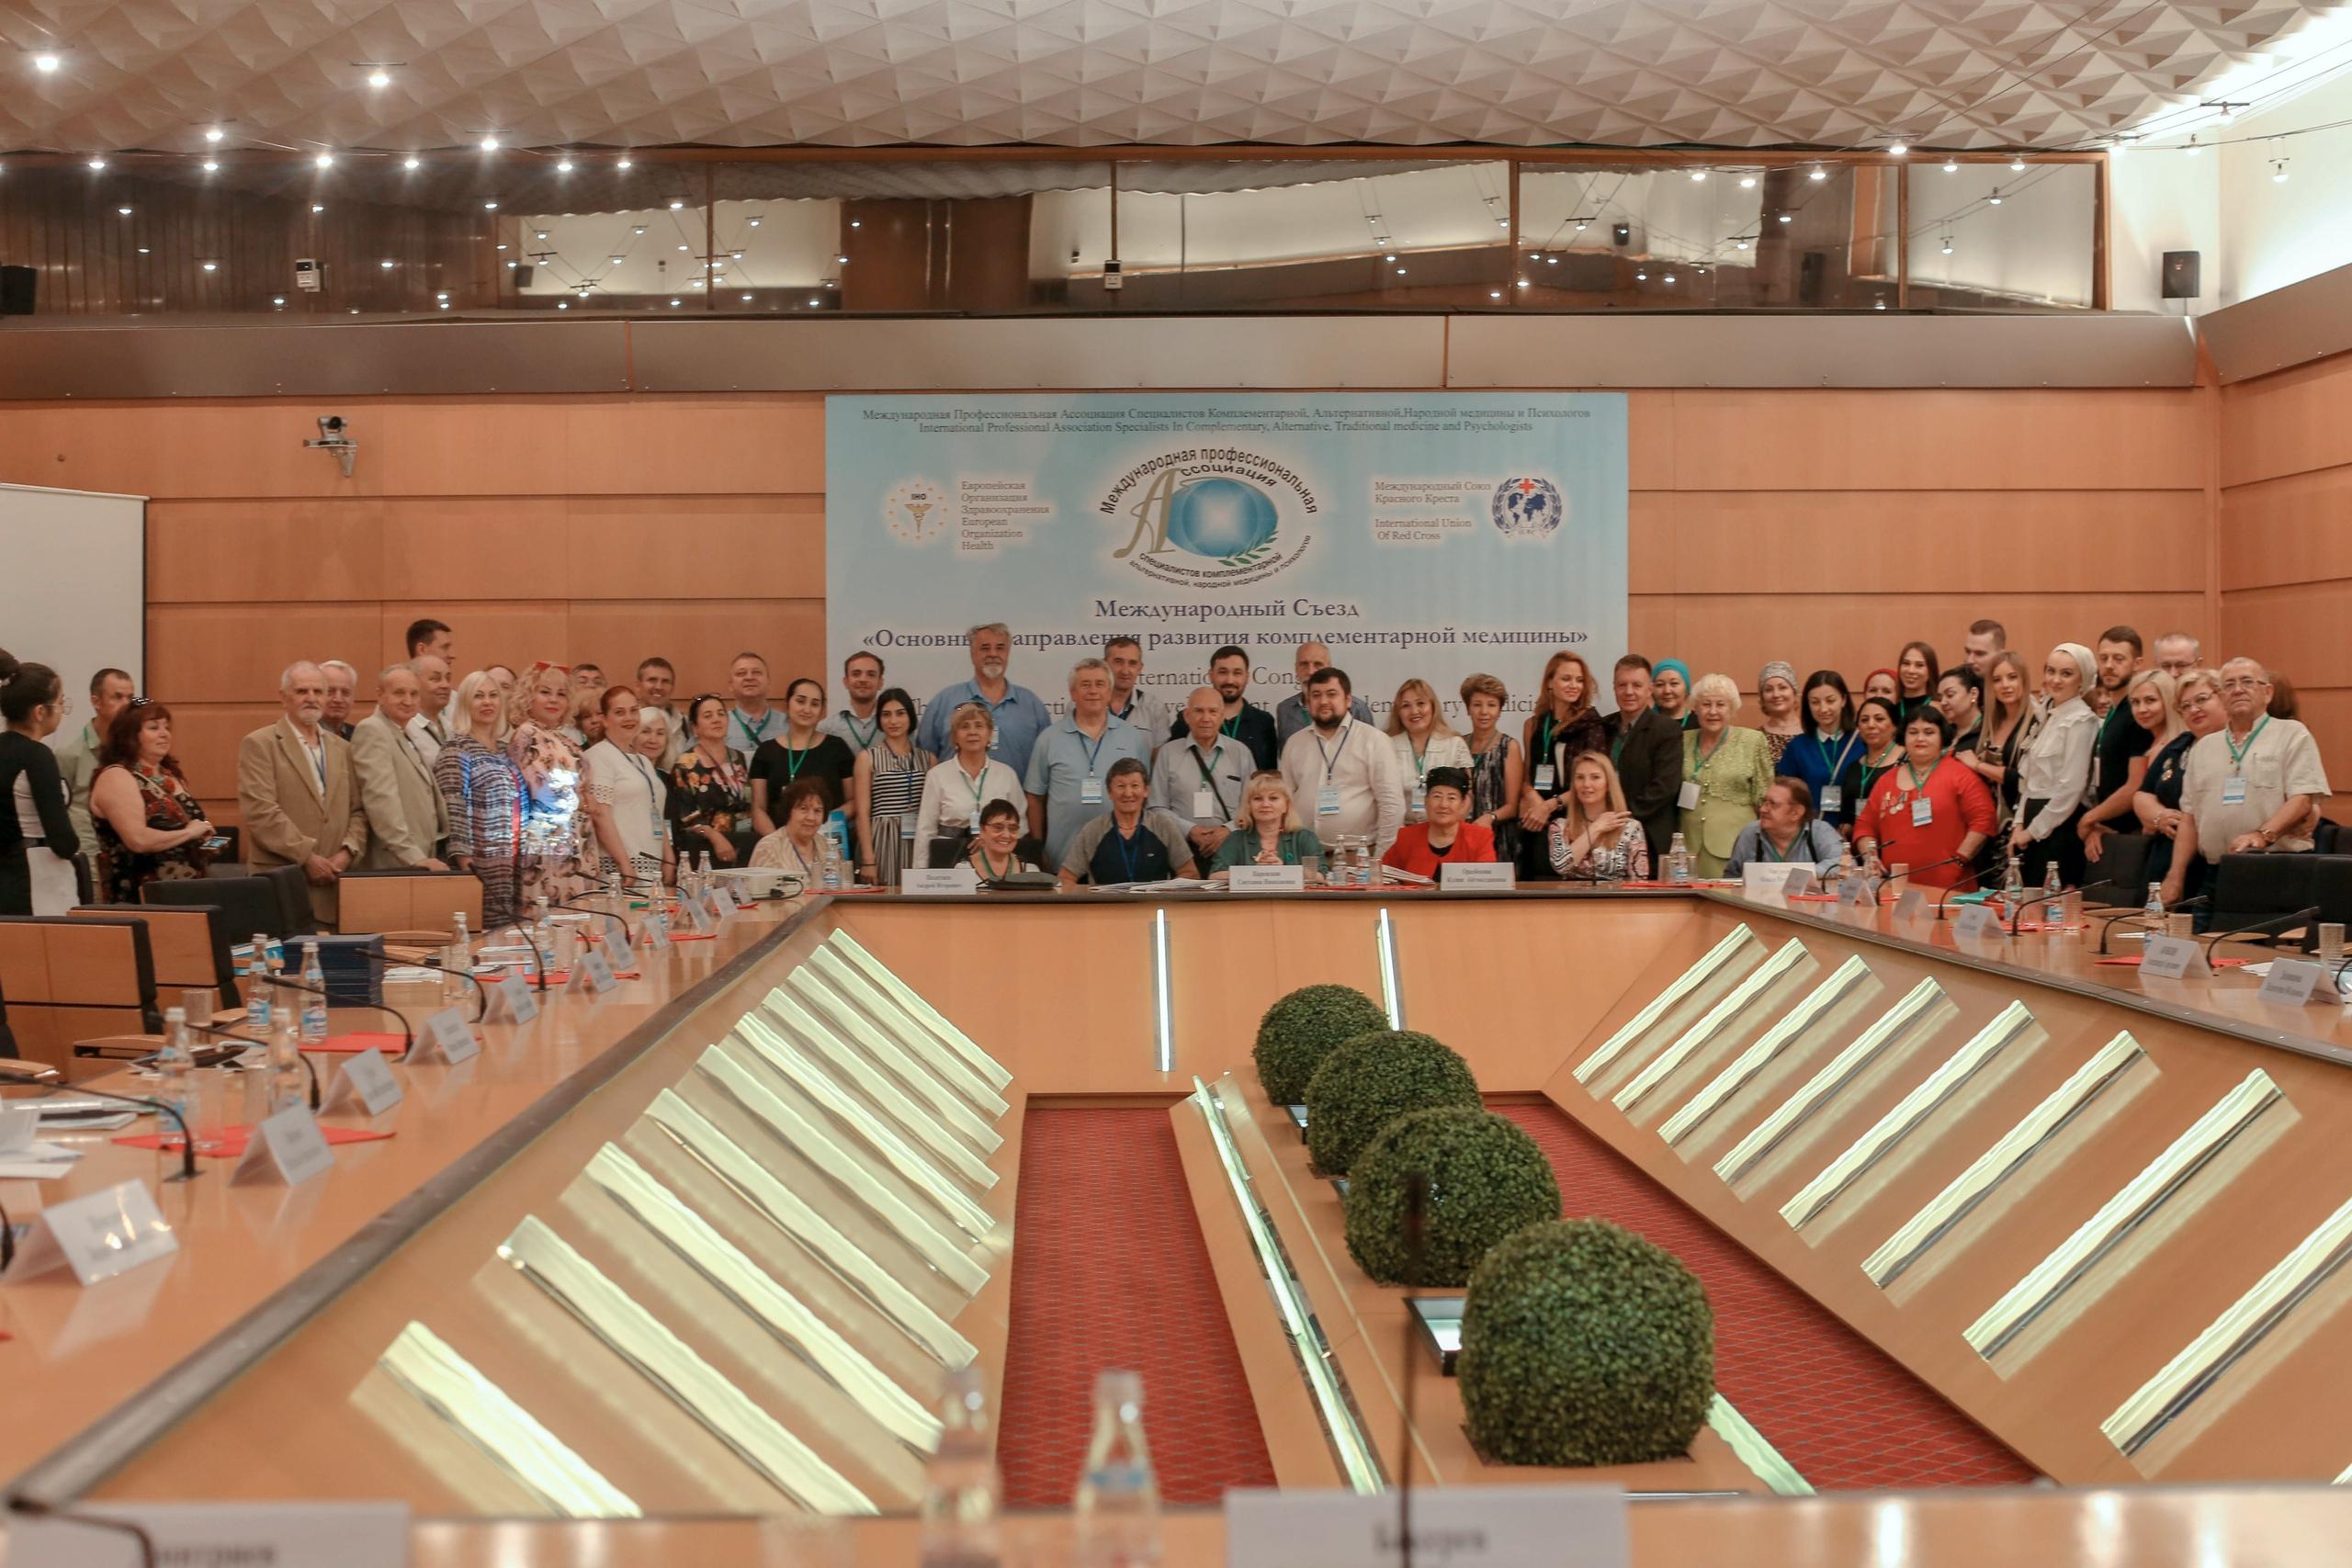 0tulzo4 qrQ - Состоялась Международная Конференция в Доме Правительства 7 июня 2019г.